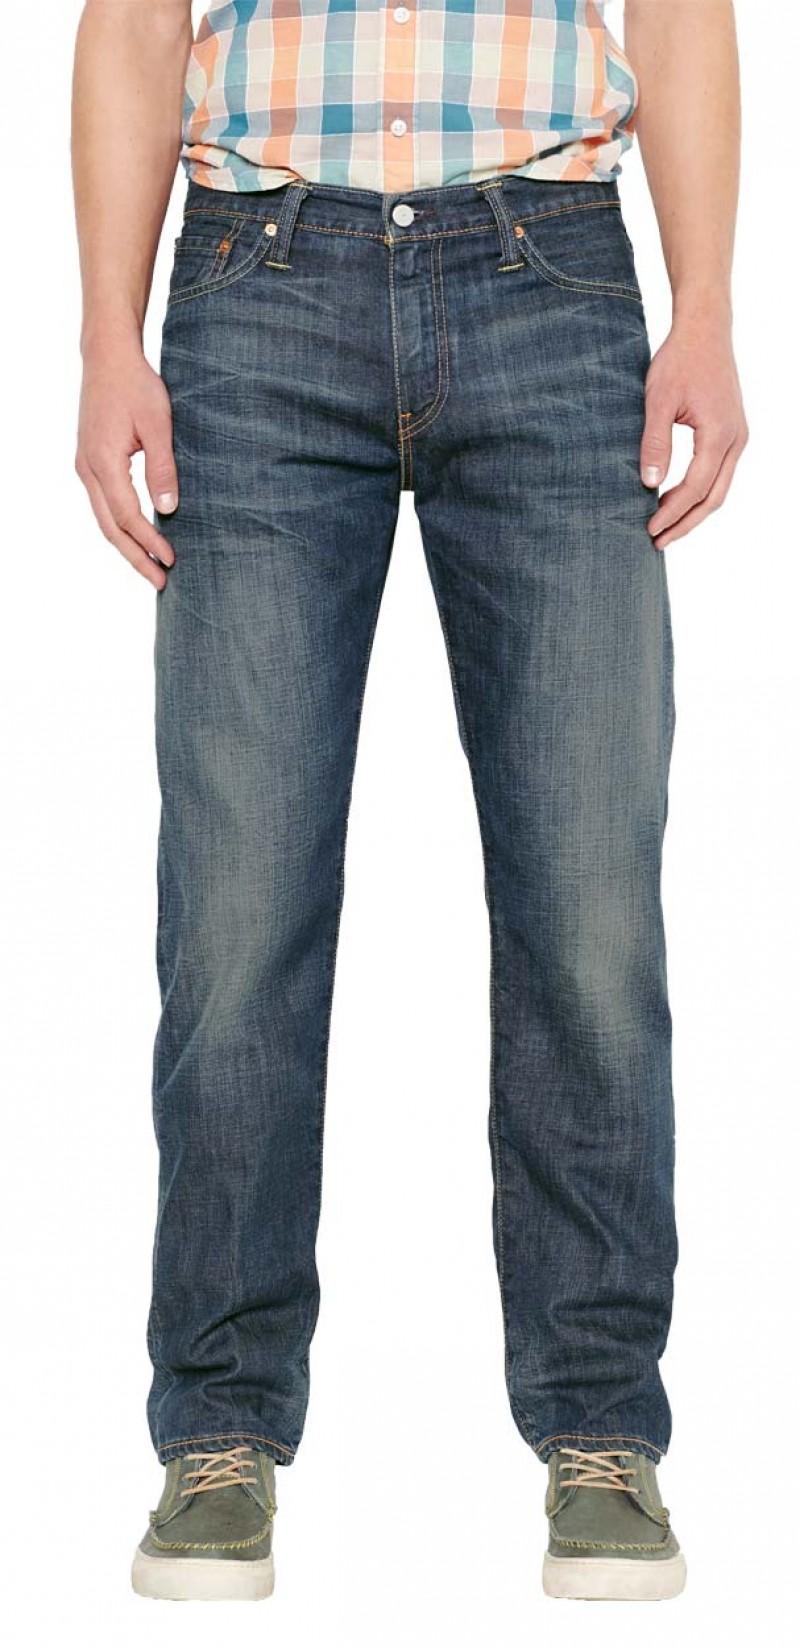 Levis 504 Jeans - Straight Leg - Explorer